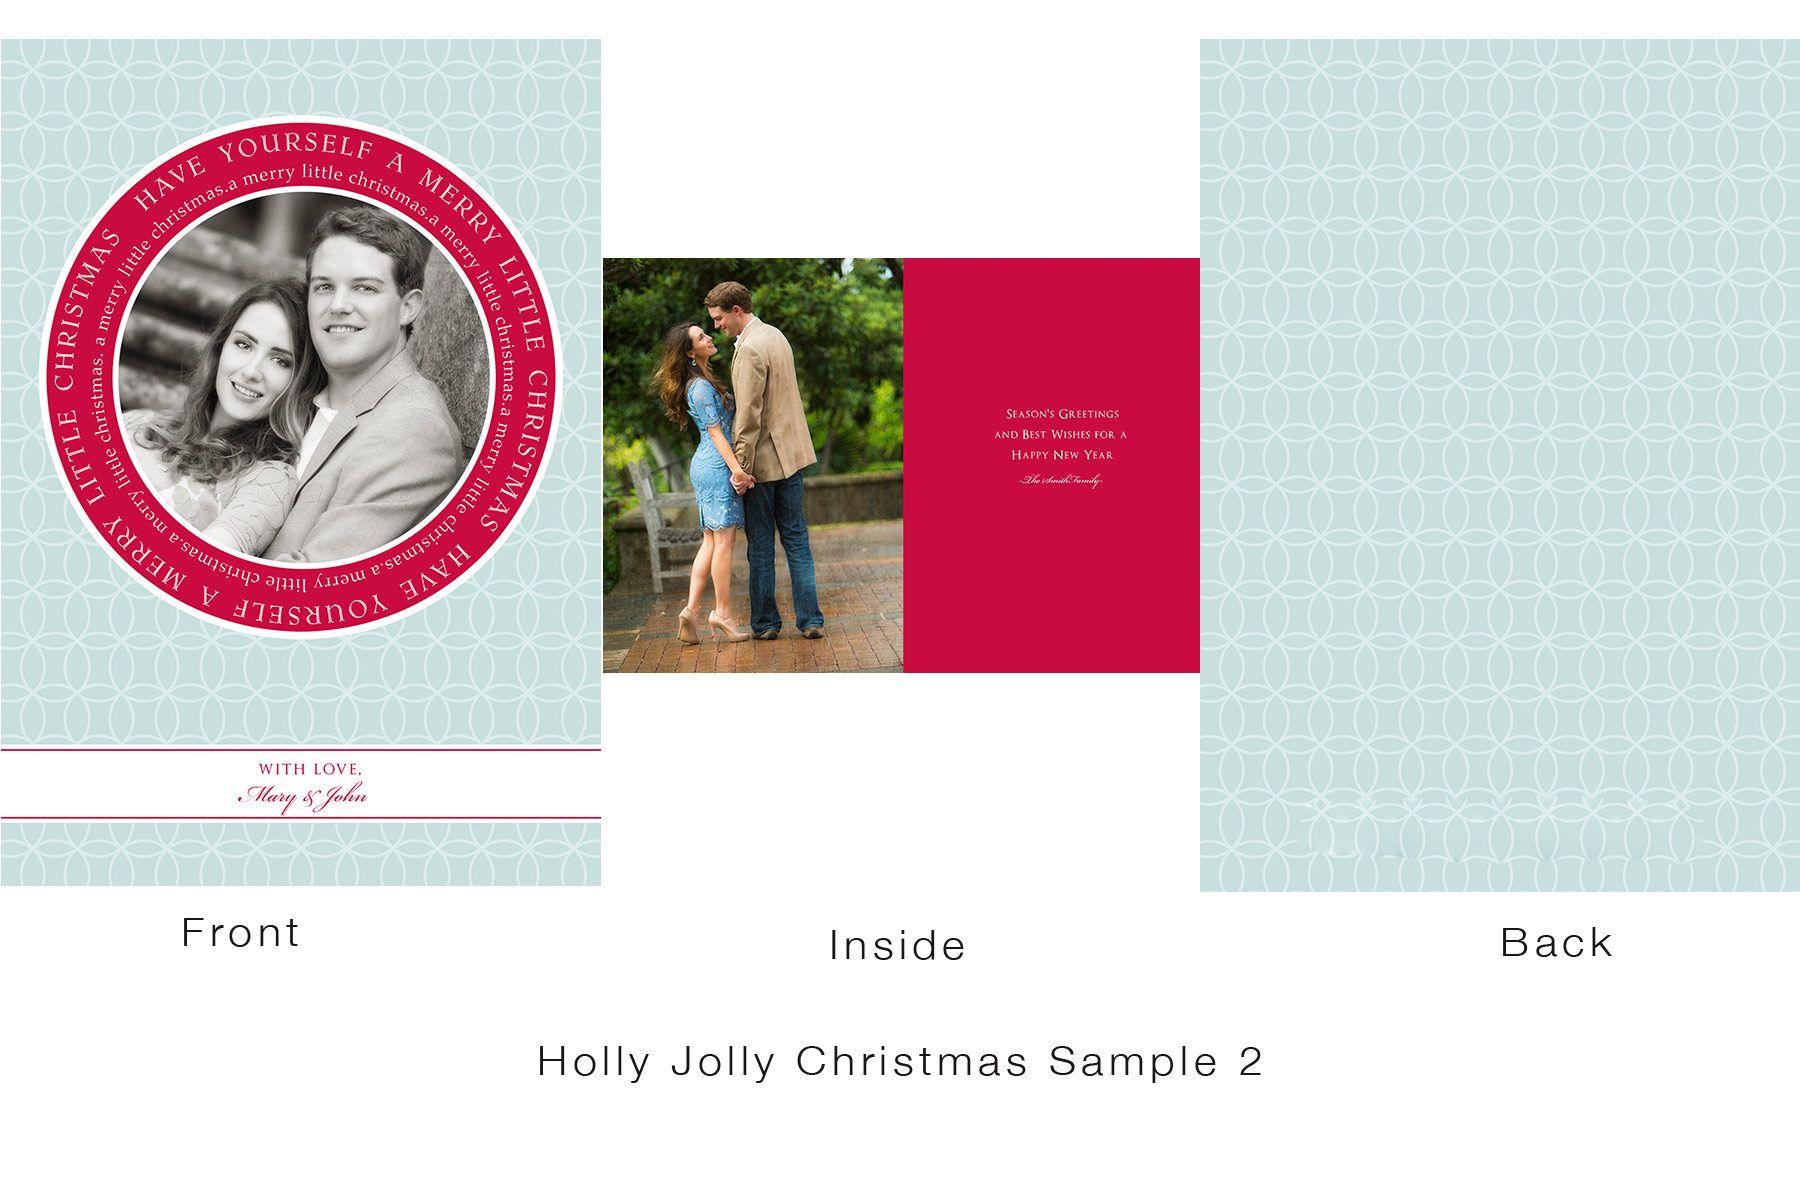 1holly_jolly_christmas_sample_2.jpg